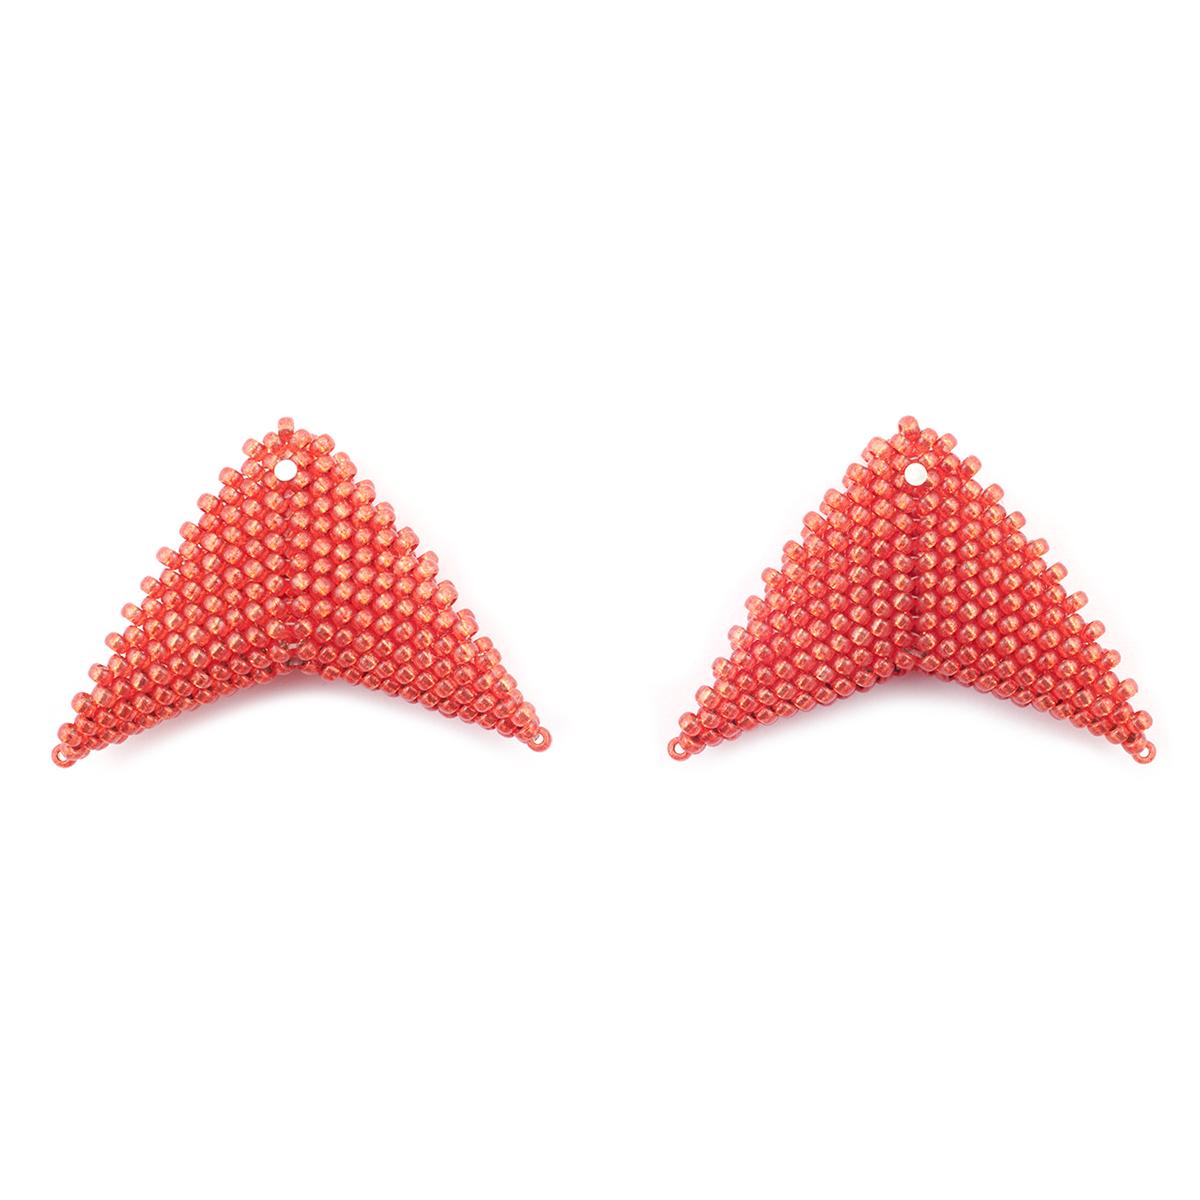 Red stud earrings by Beloved Beadwork